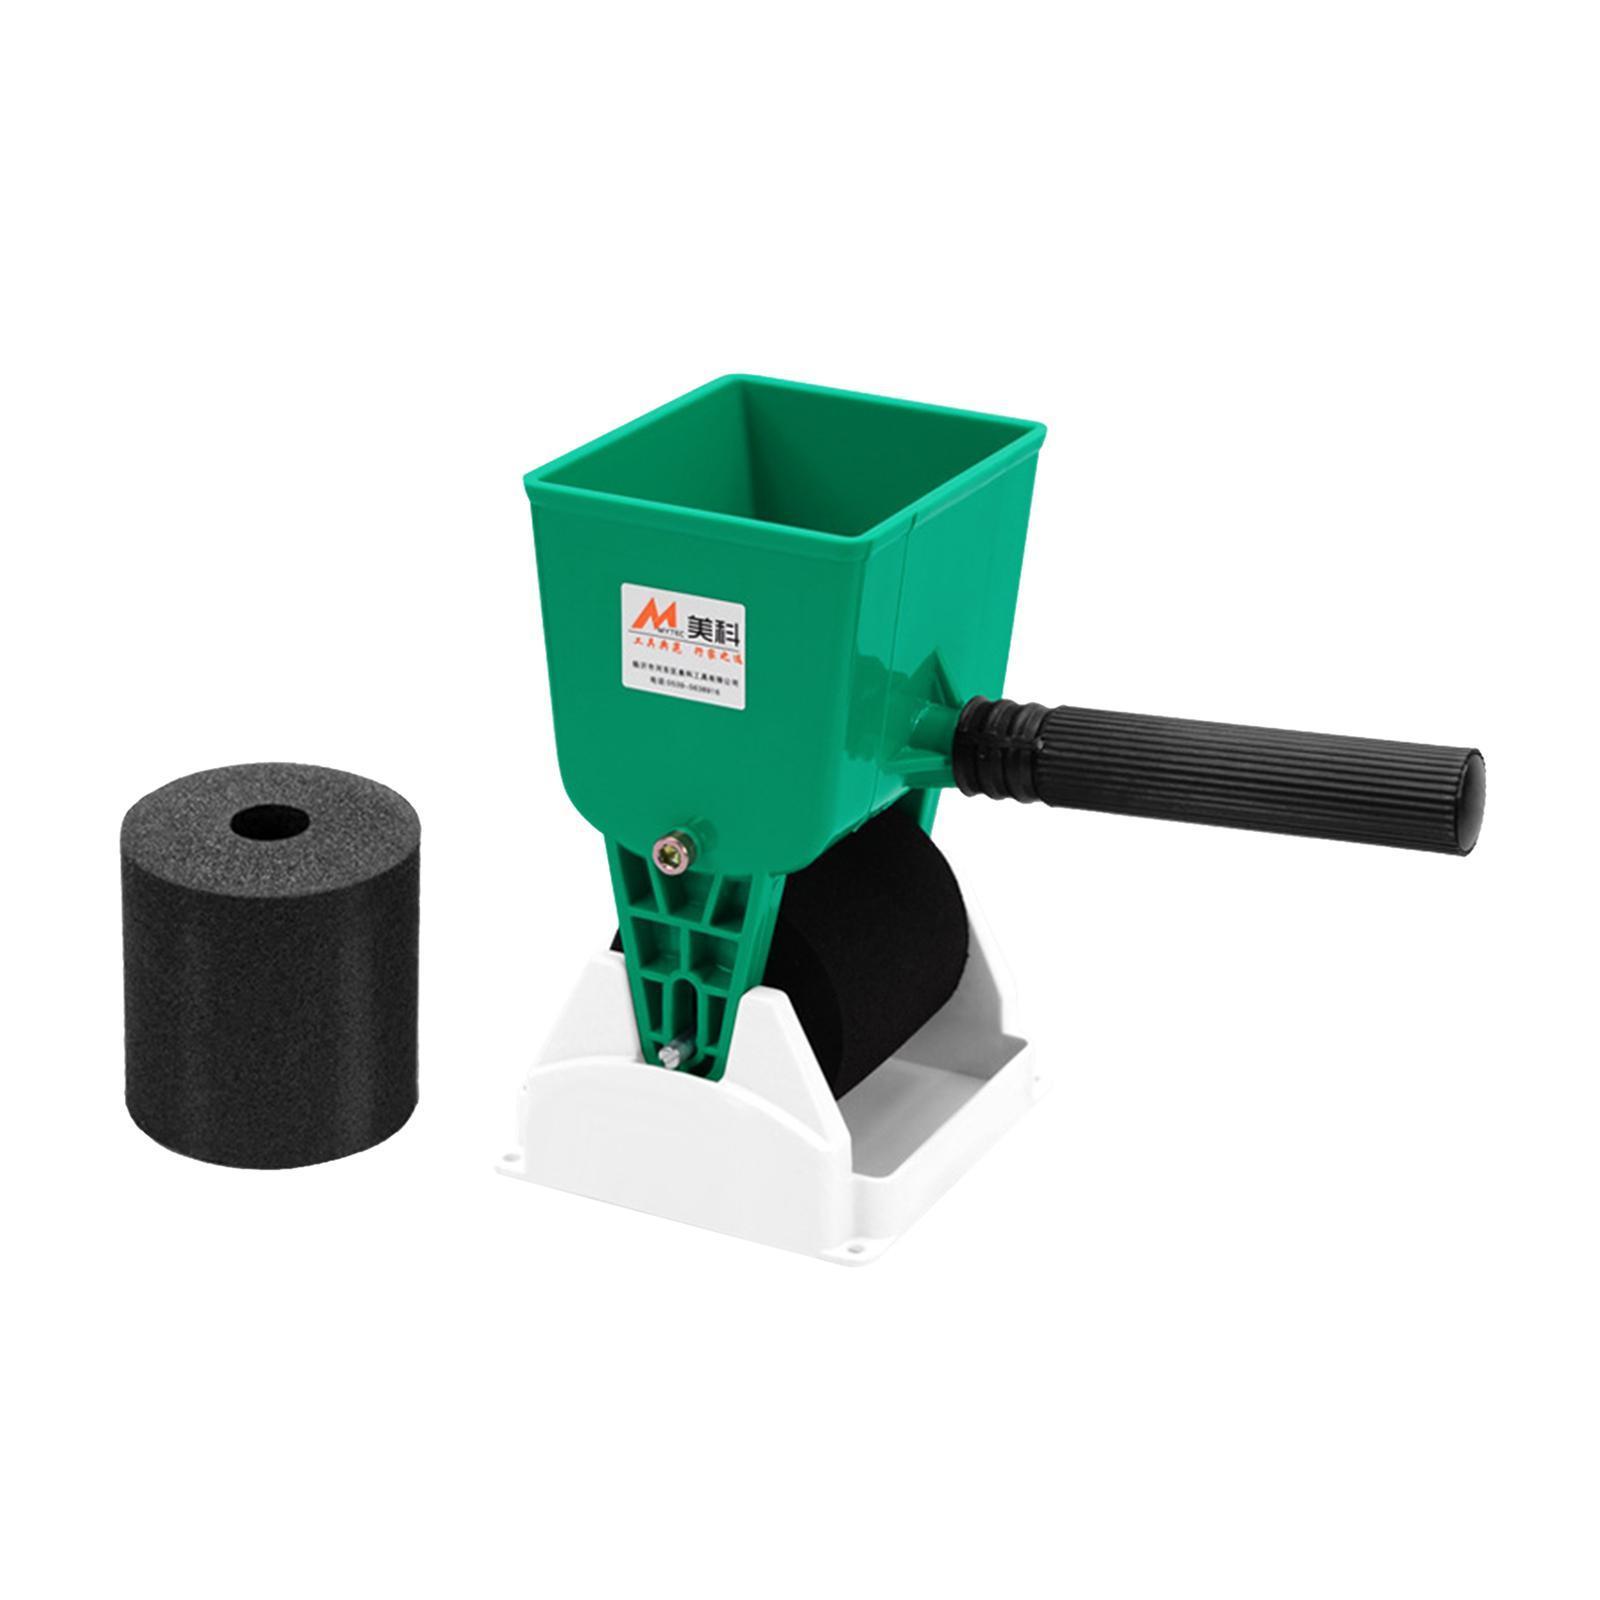 miniatura 5 - 180mL/320mL Portatile Colla Applicatore Rullo Professionale Rivestito Colla